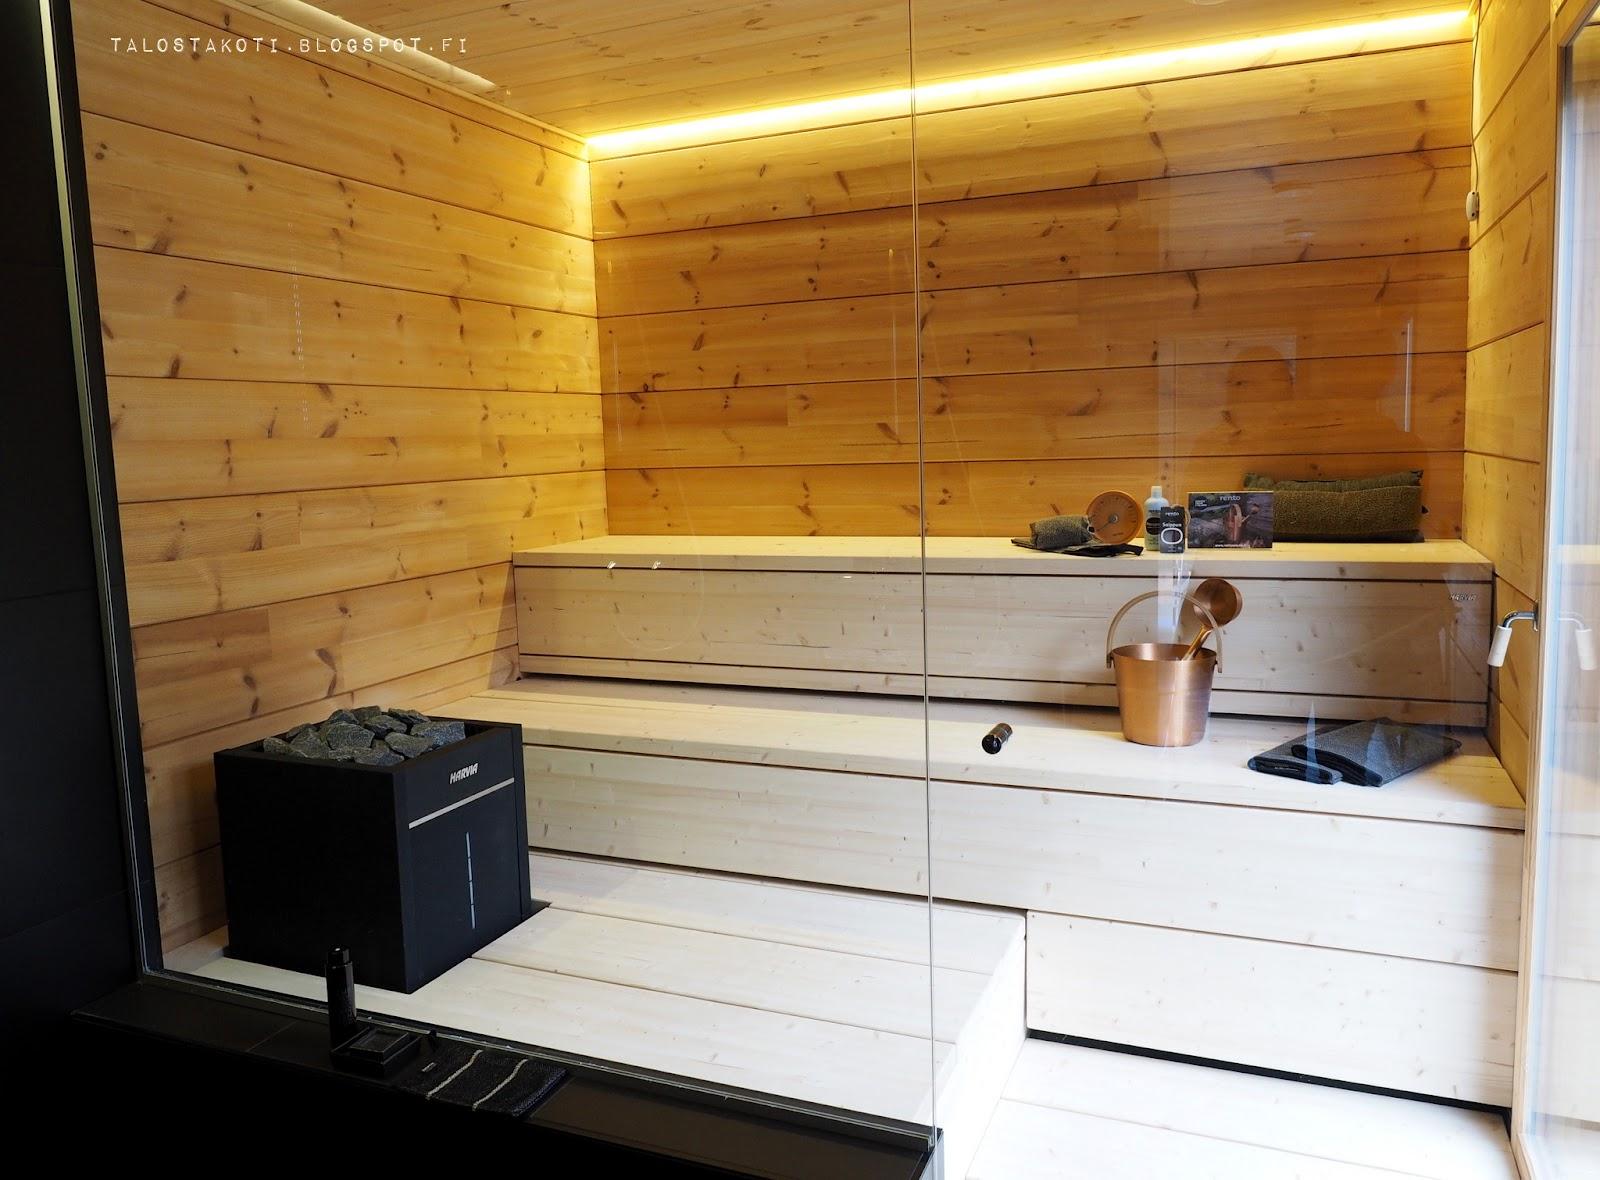 Seinäjoen asuntomessut Honka Markki 19 sauna